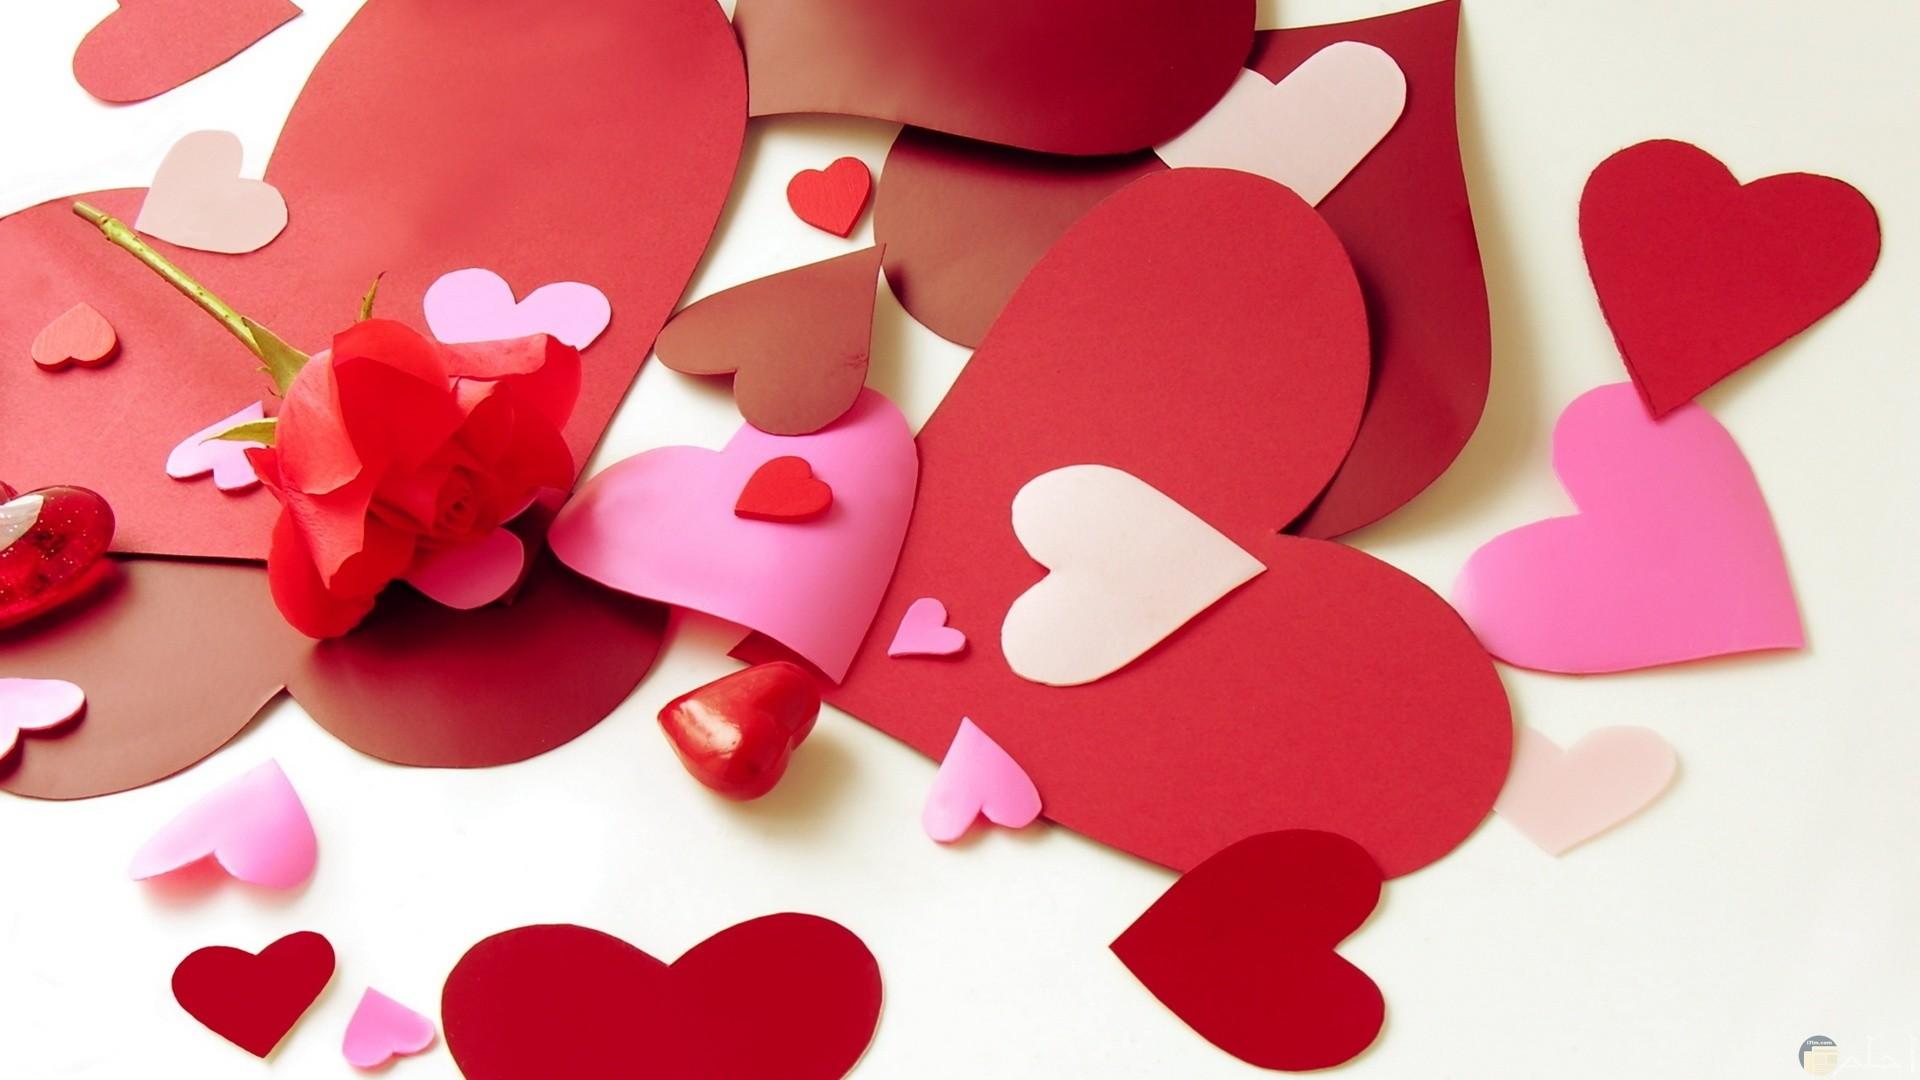 قلوب متعددة الألوان أحمر و بمبي و بينك و روز و بني.